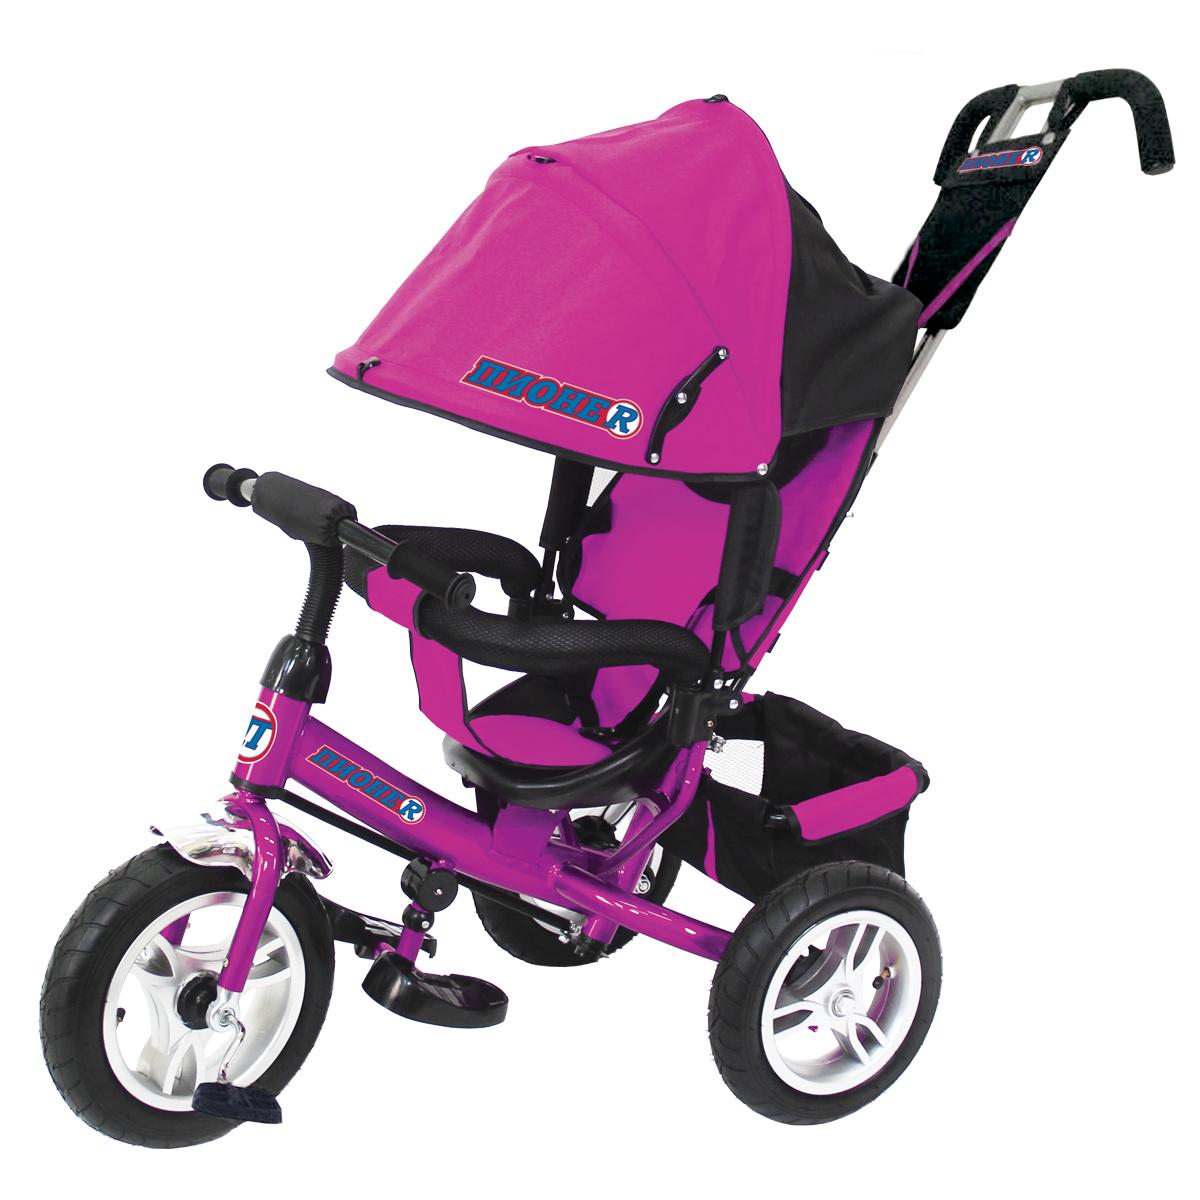 ПИОНЕR Велосипед трехколесный цвет розовый P2P - Велосипеды-каталки